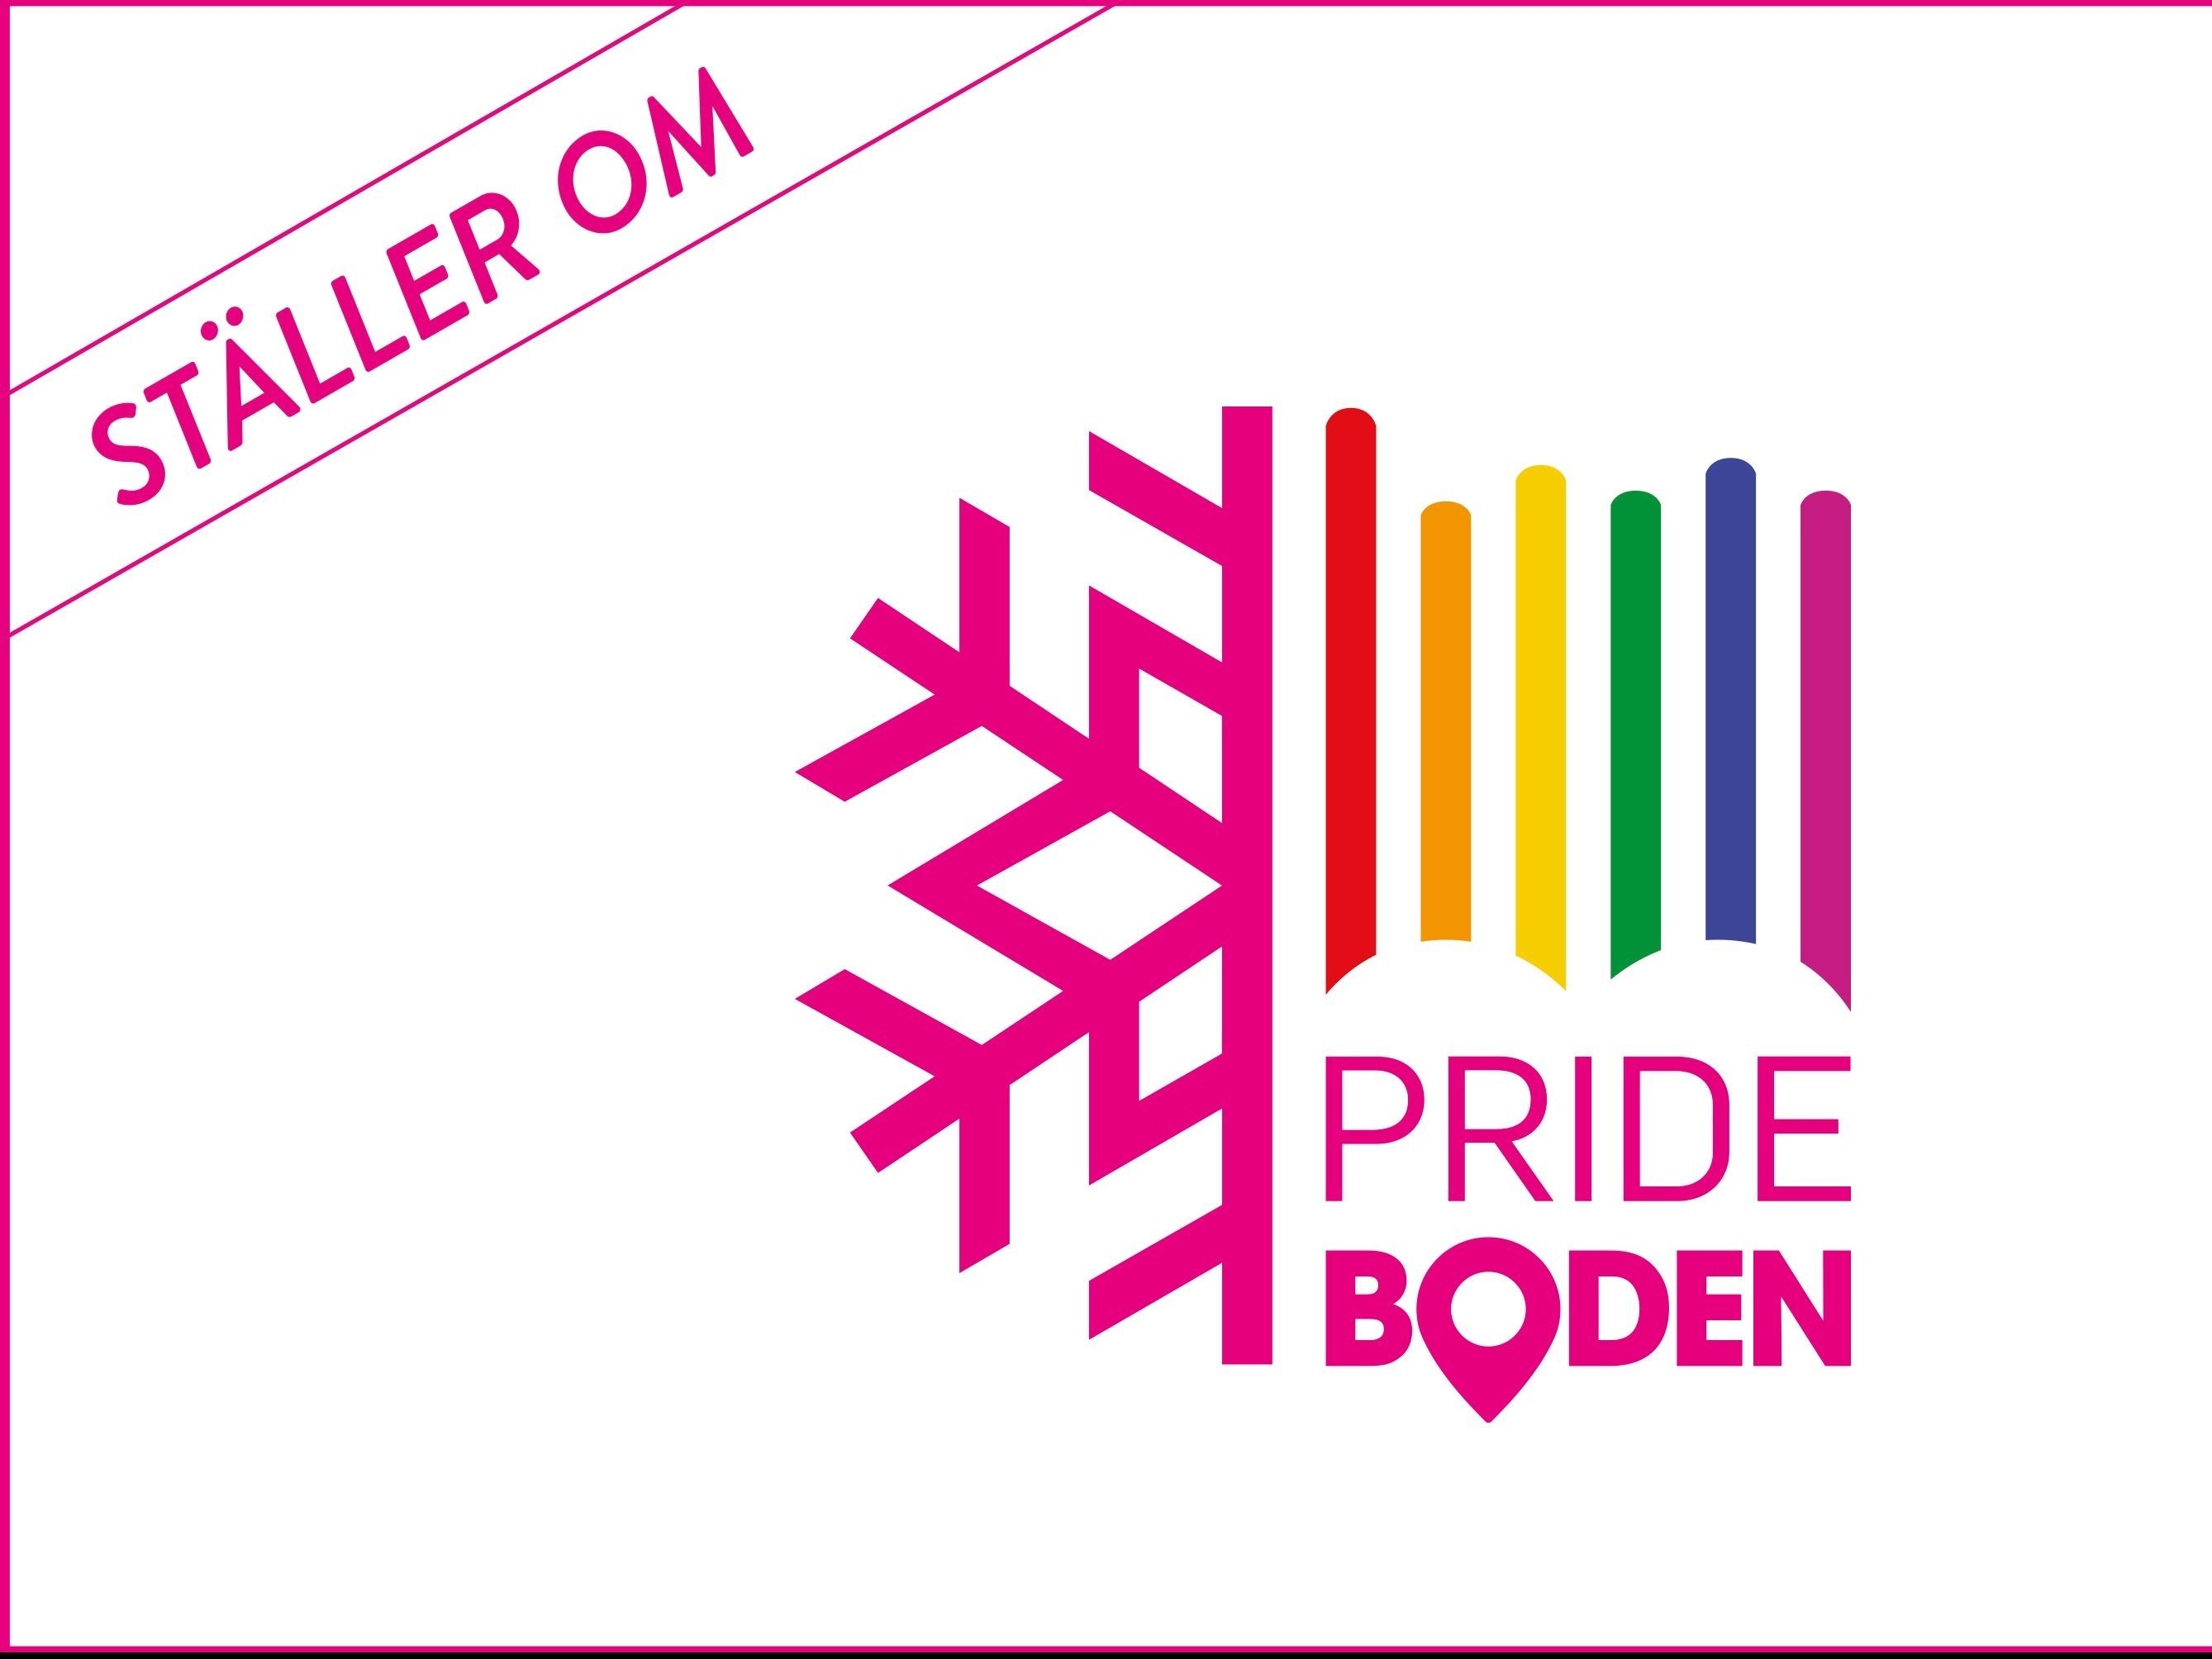 Pride Boden